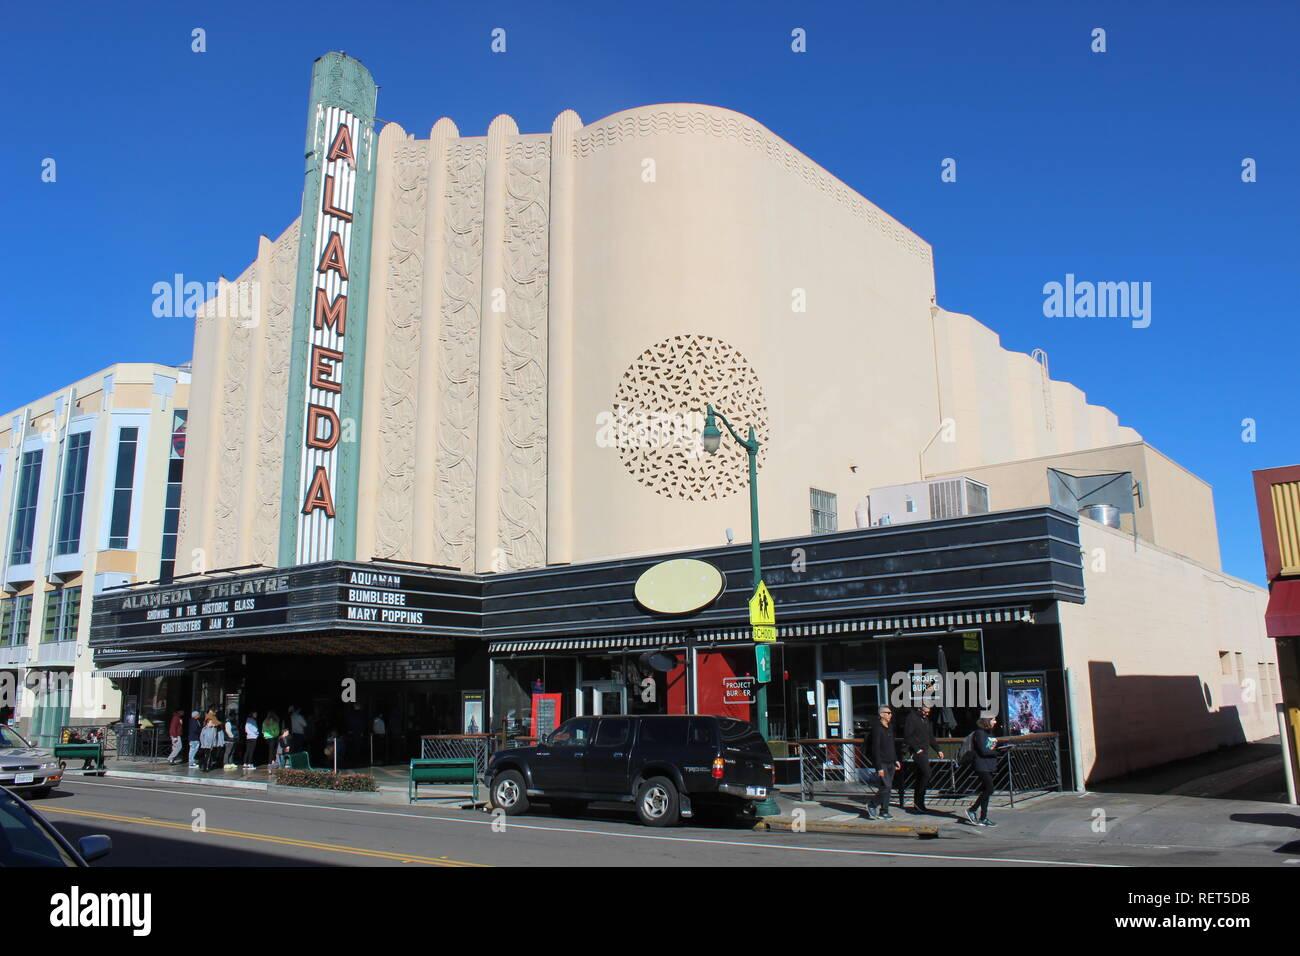 Alameda Theatre, built 1932, Alameda, California - Stock Image